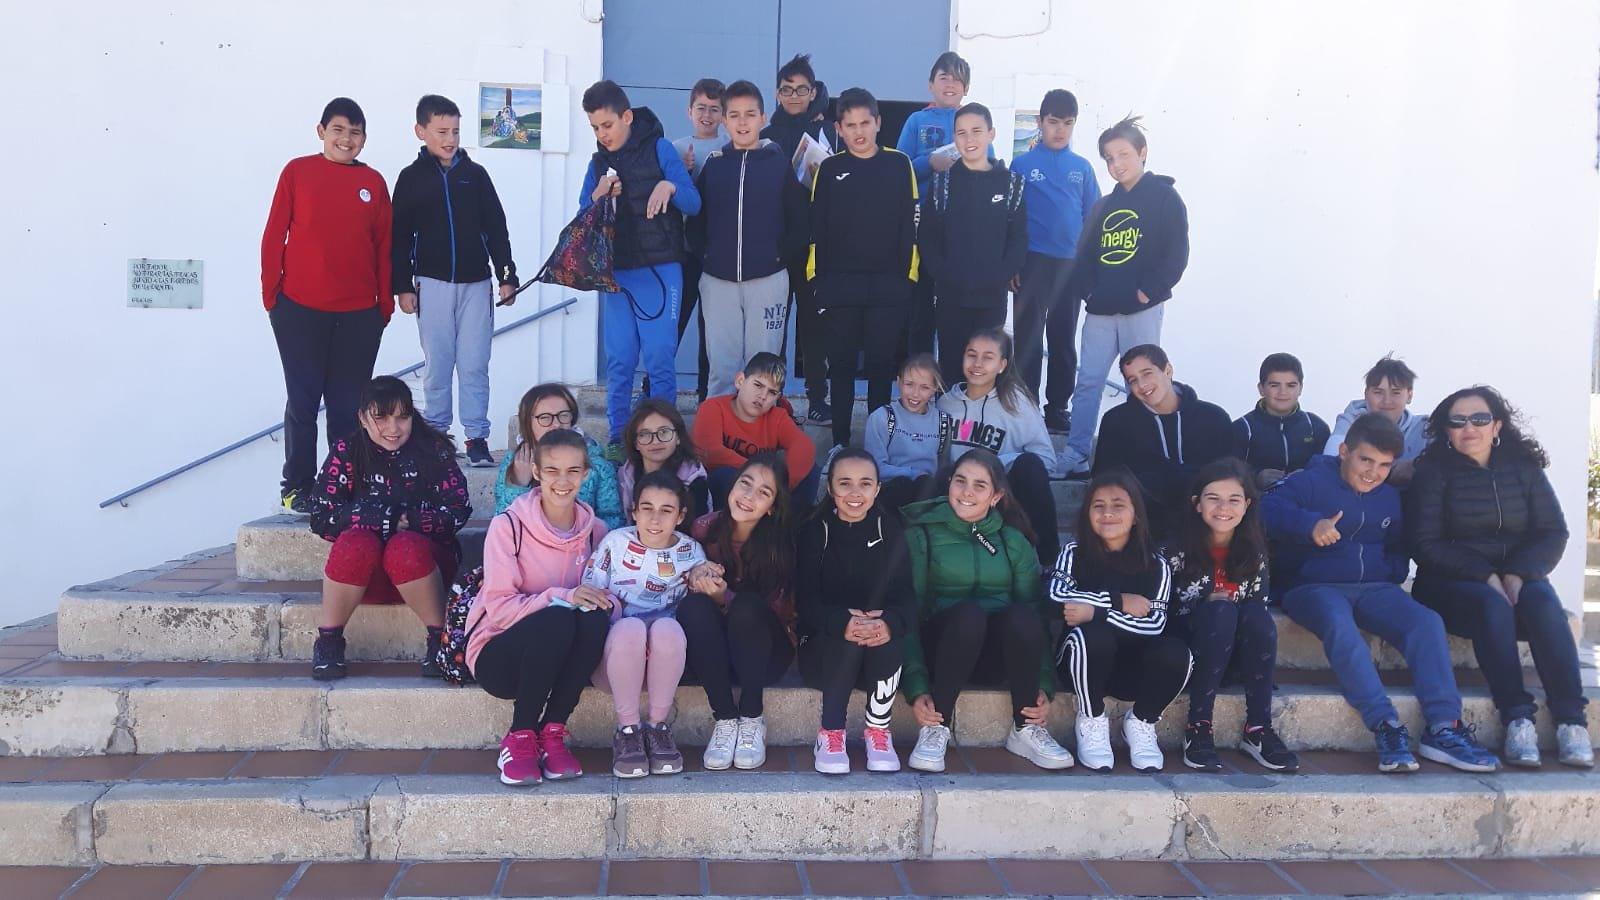 (2019-04-11) Visita ermita alumnos Pilar - 6 primaria -  9 de Octubre - María Isabel Berenguer (06)